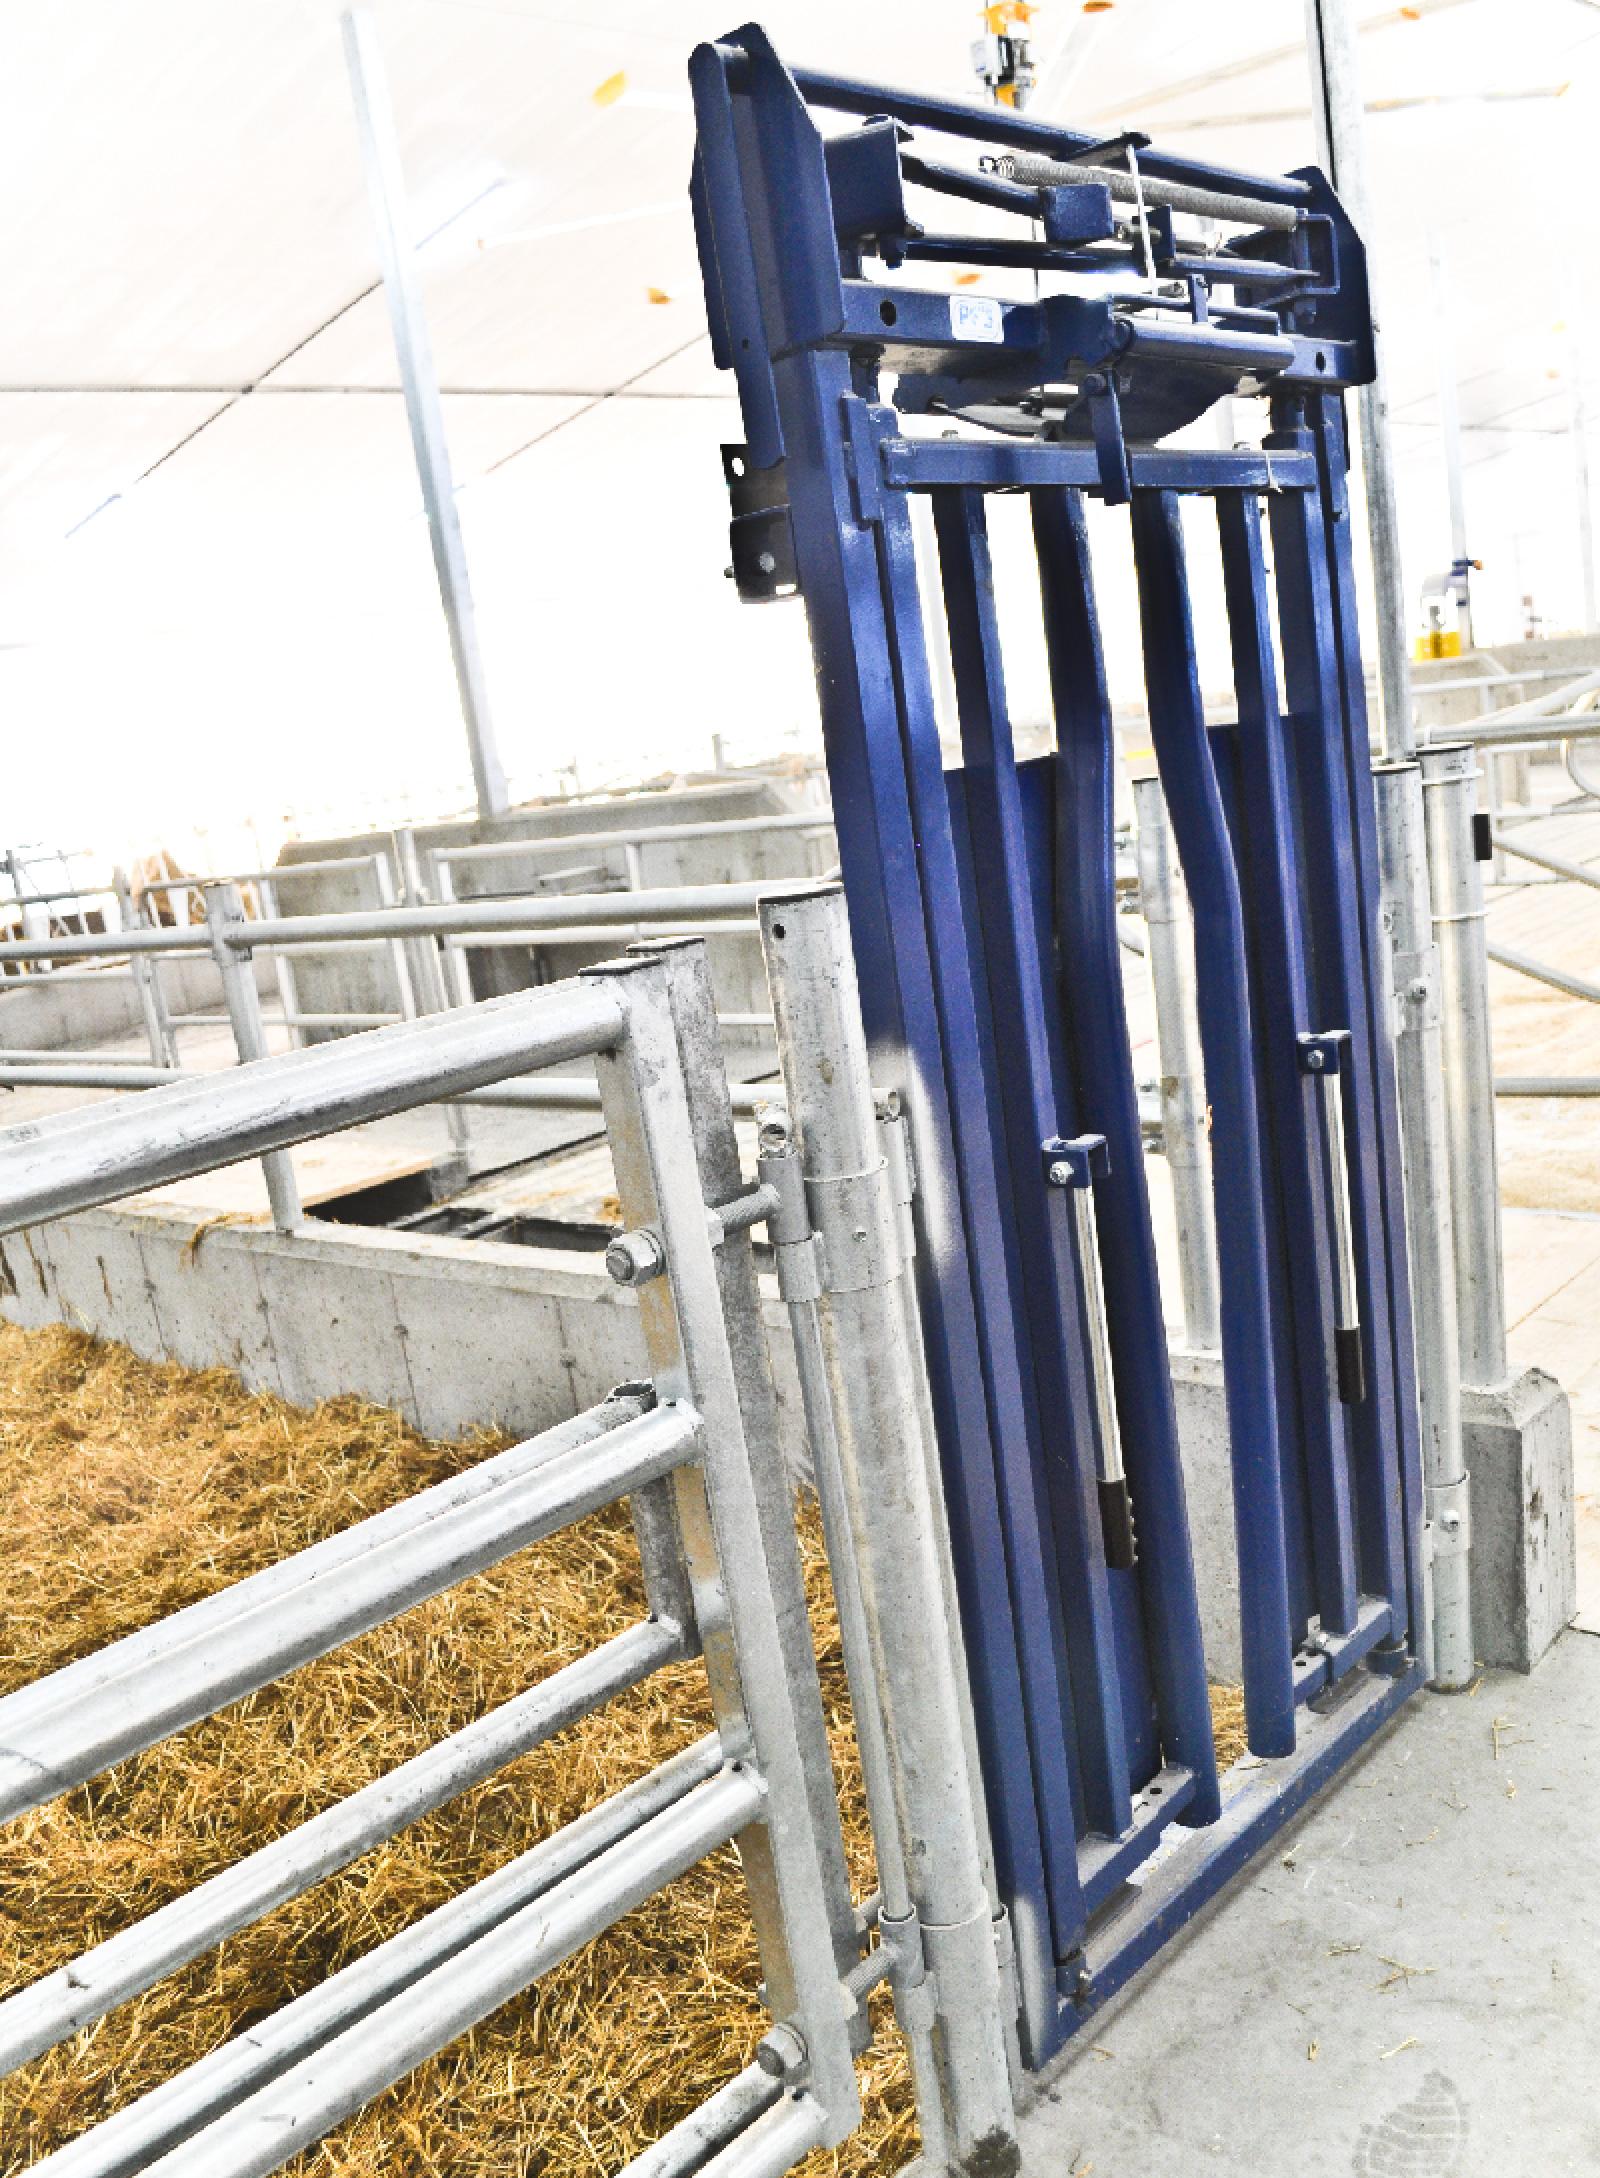 barrière carcan vache laitière installation agricole / Équipements PFB